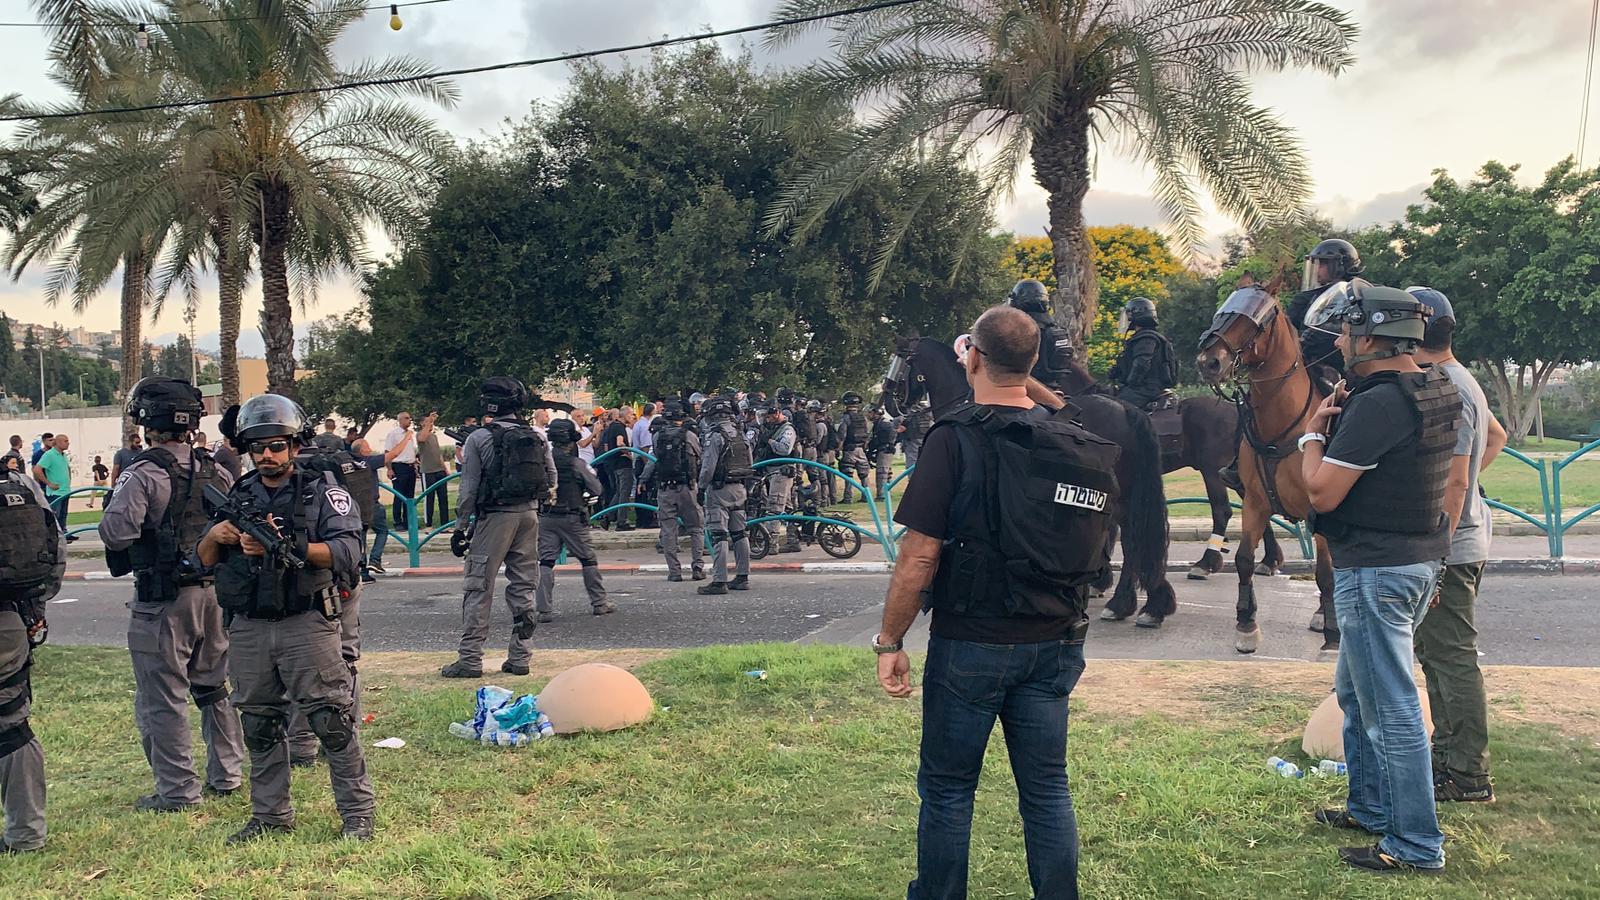 عرعرة: الاعتداء على المظاهرة الرافضة لهدم المنازل العربية واعتقال شابين